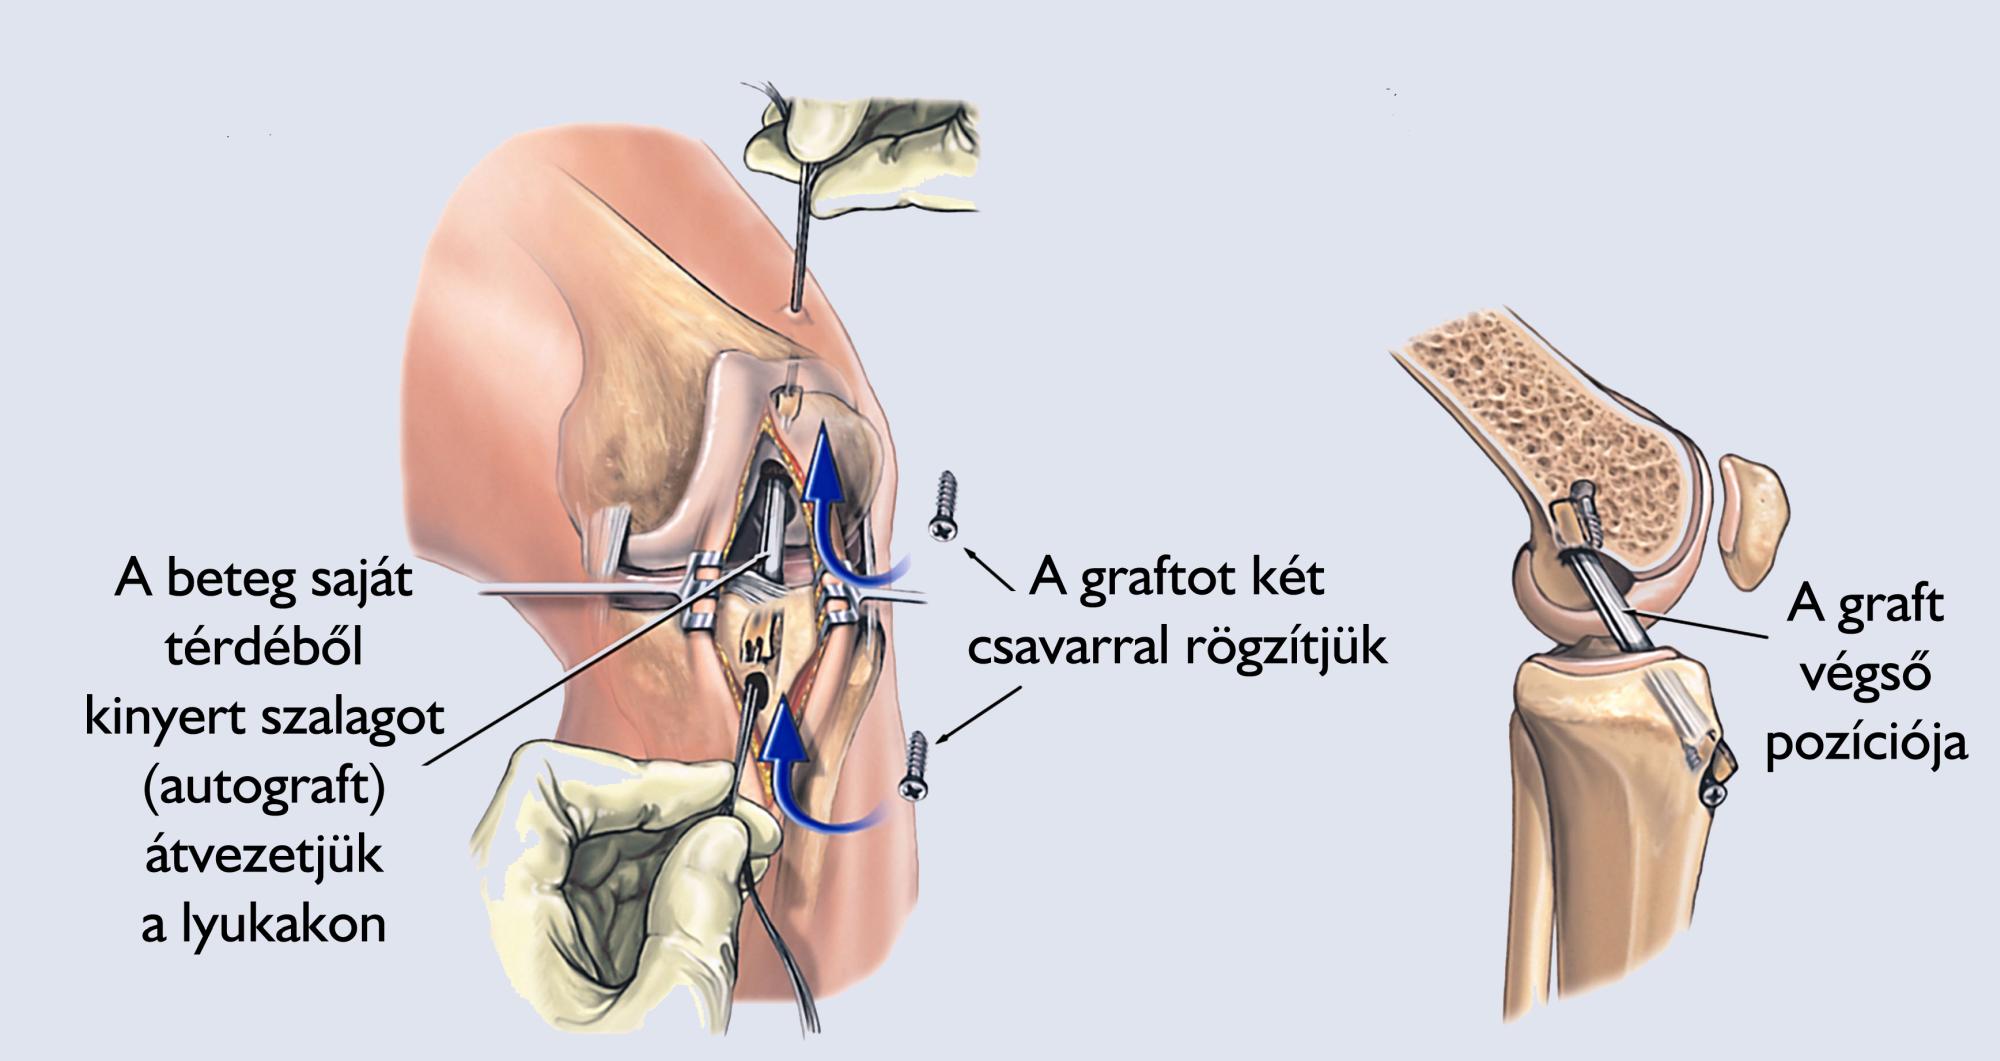 ACL műtét - A graft átvezetése és rögzítés